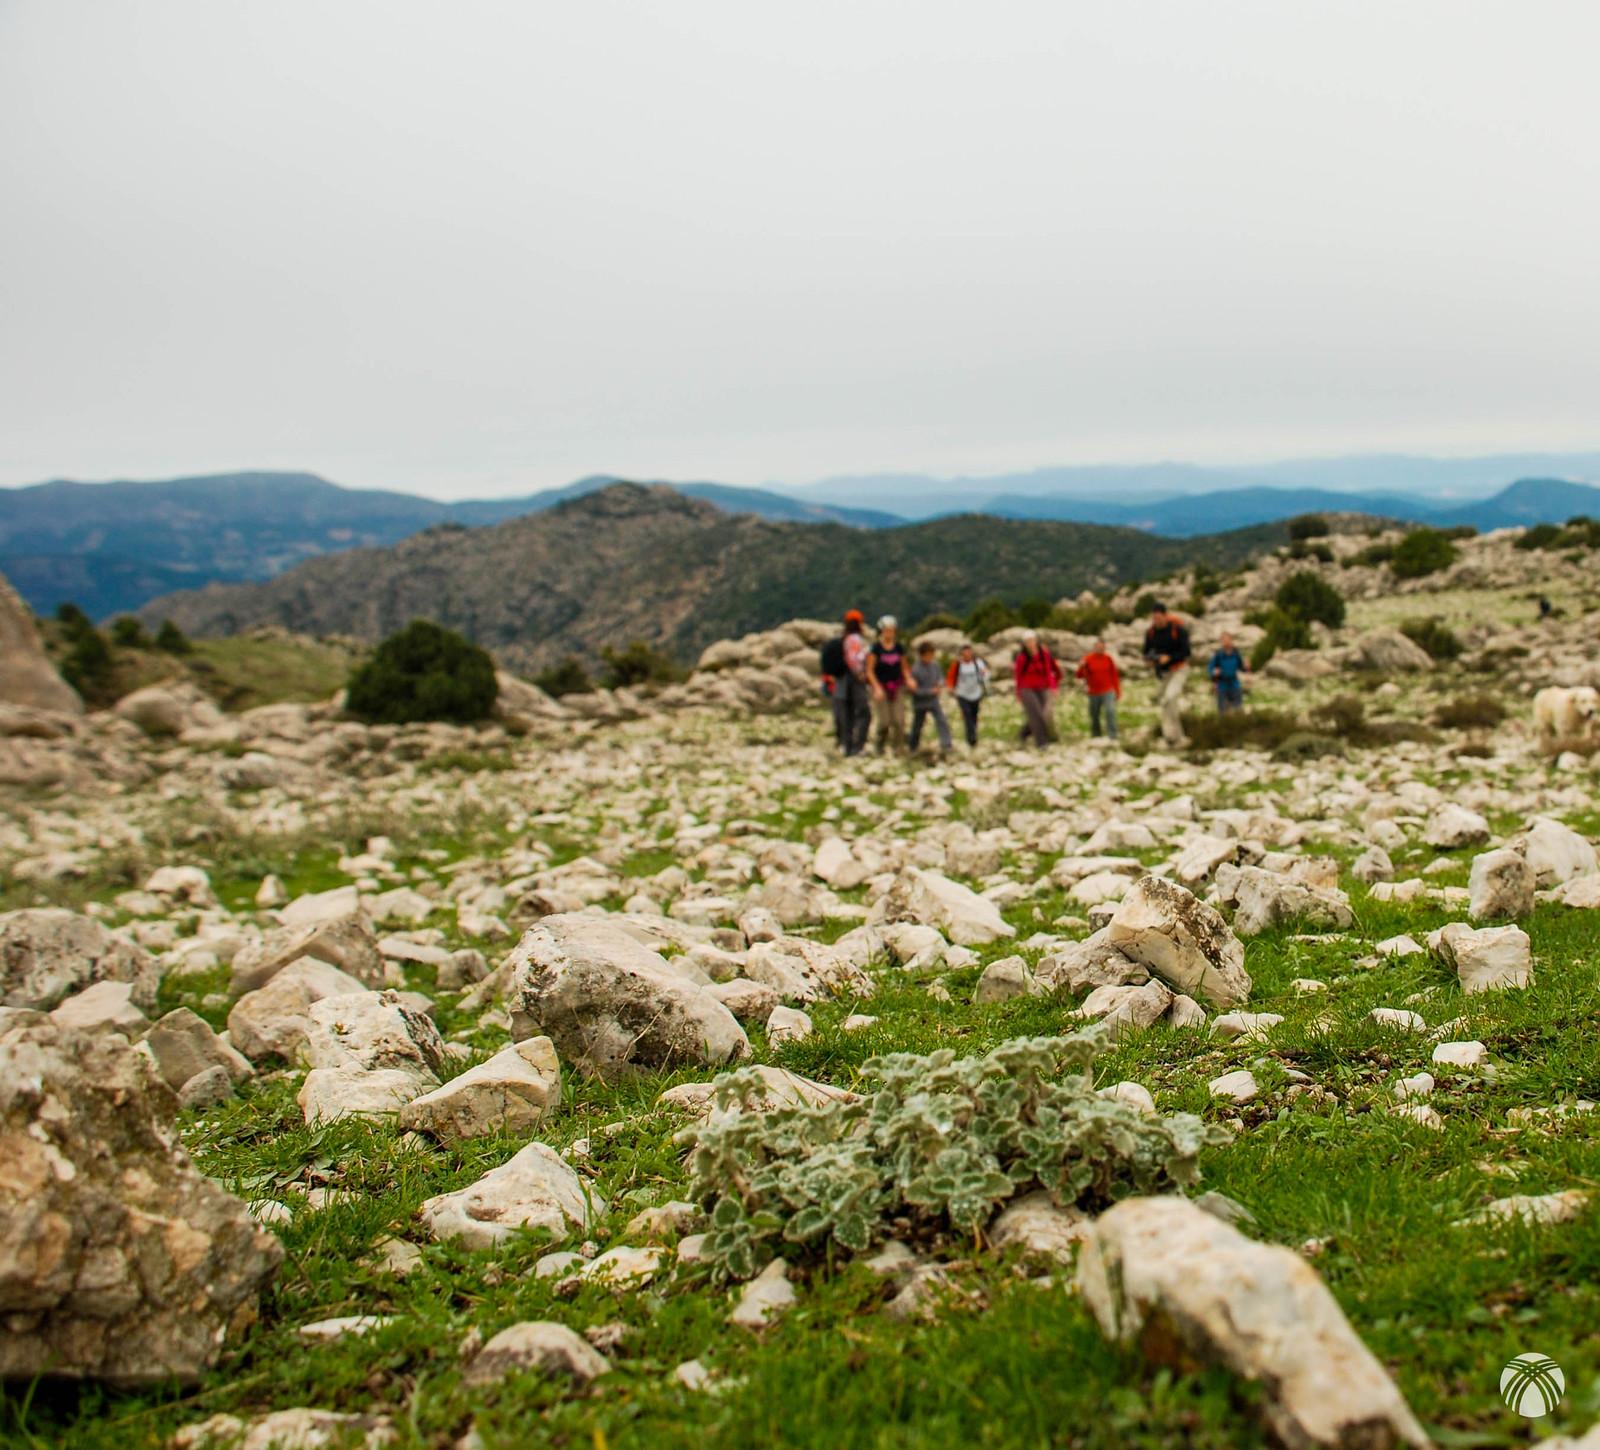 Terreno lapiaz de la zona de cumbres